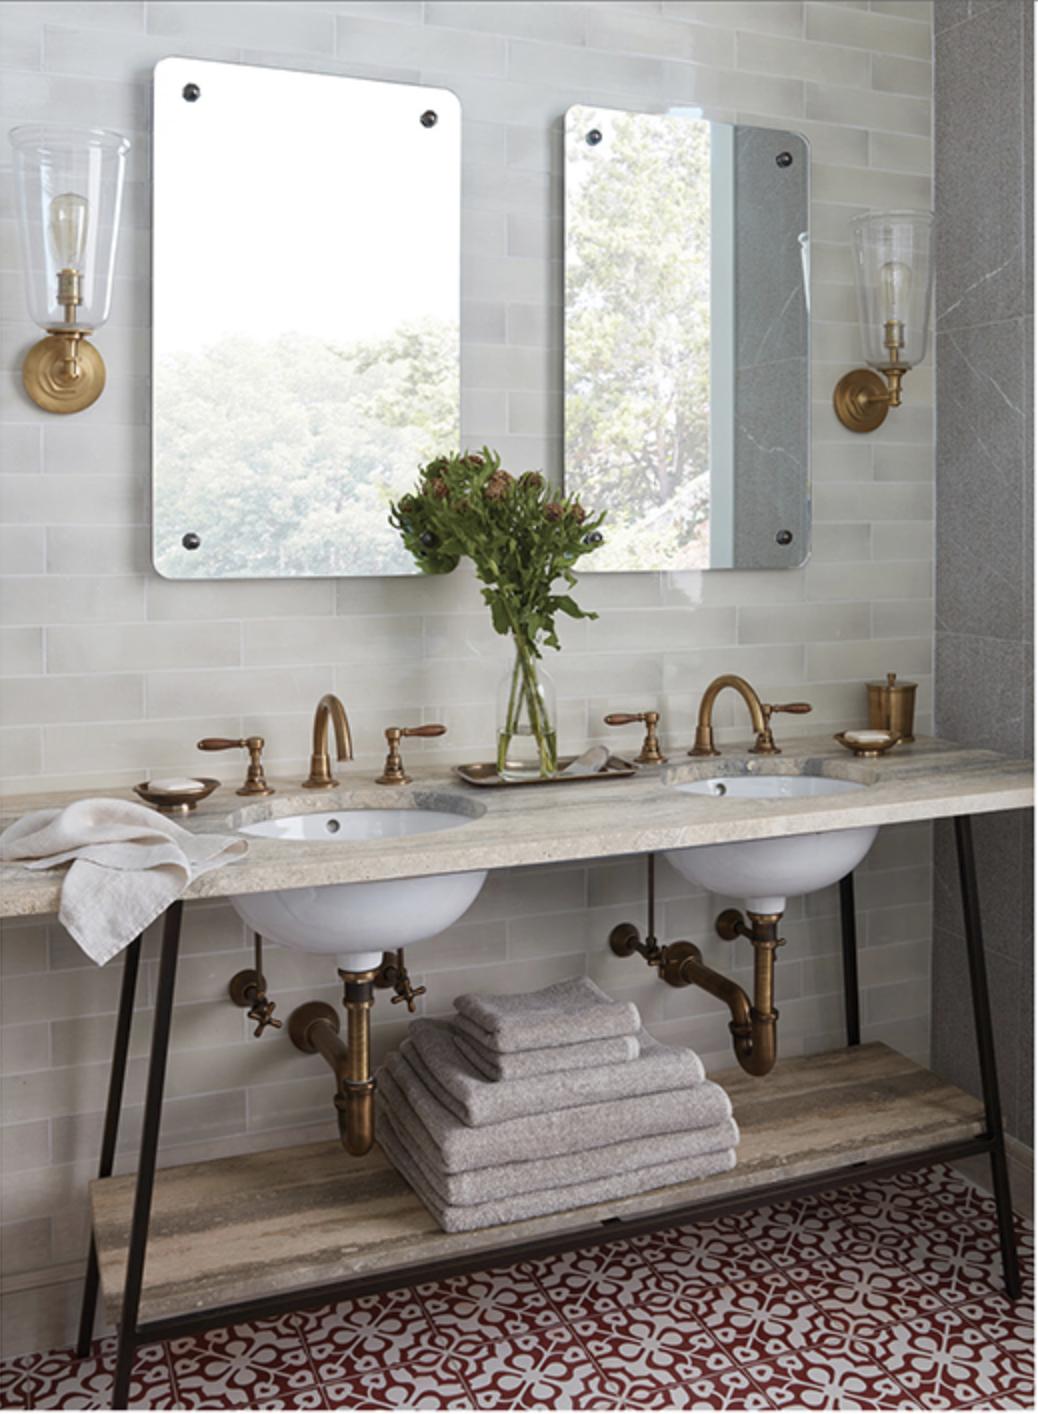 Bath W Personality Bathrooms Remodel Bathroom Interior Bathroom Remodel Cost